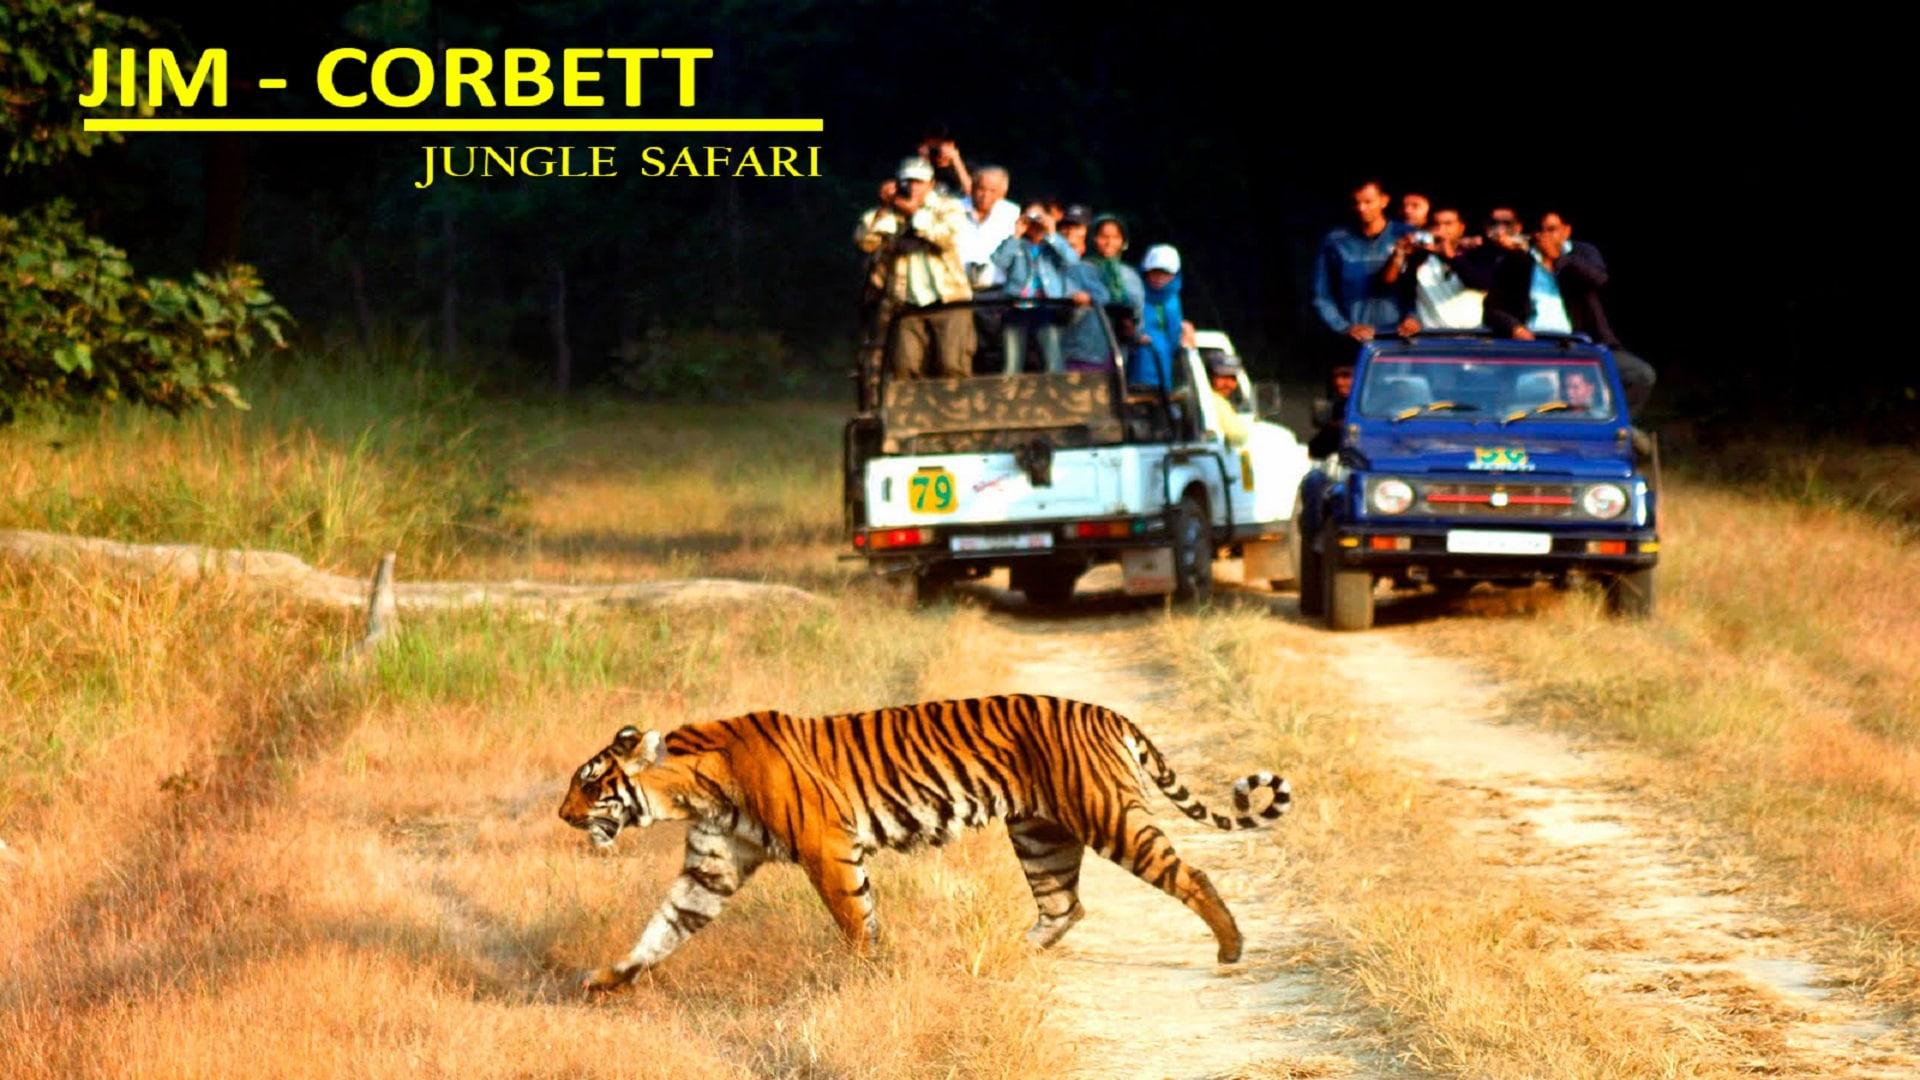 Tour Packages Mumbai